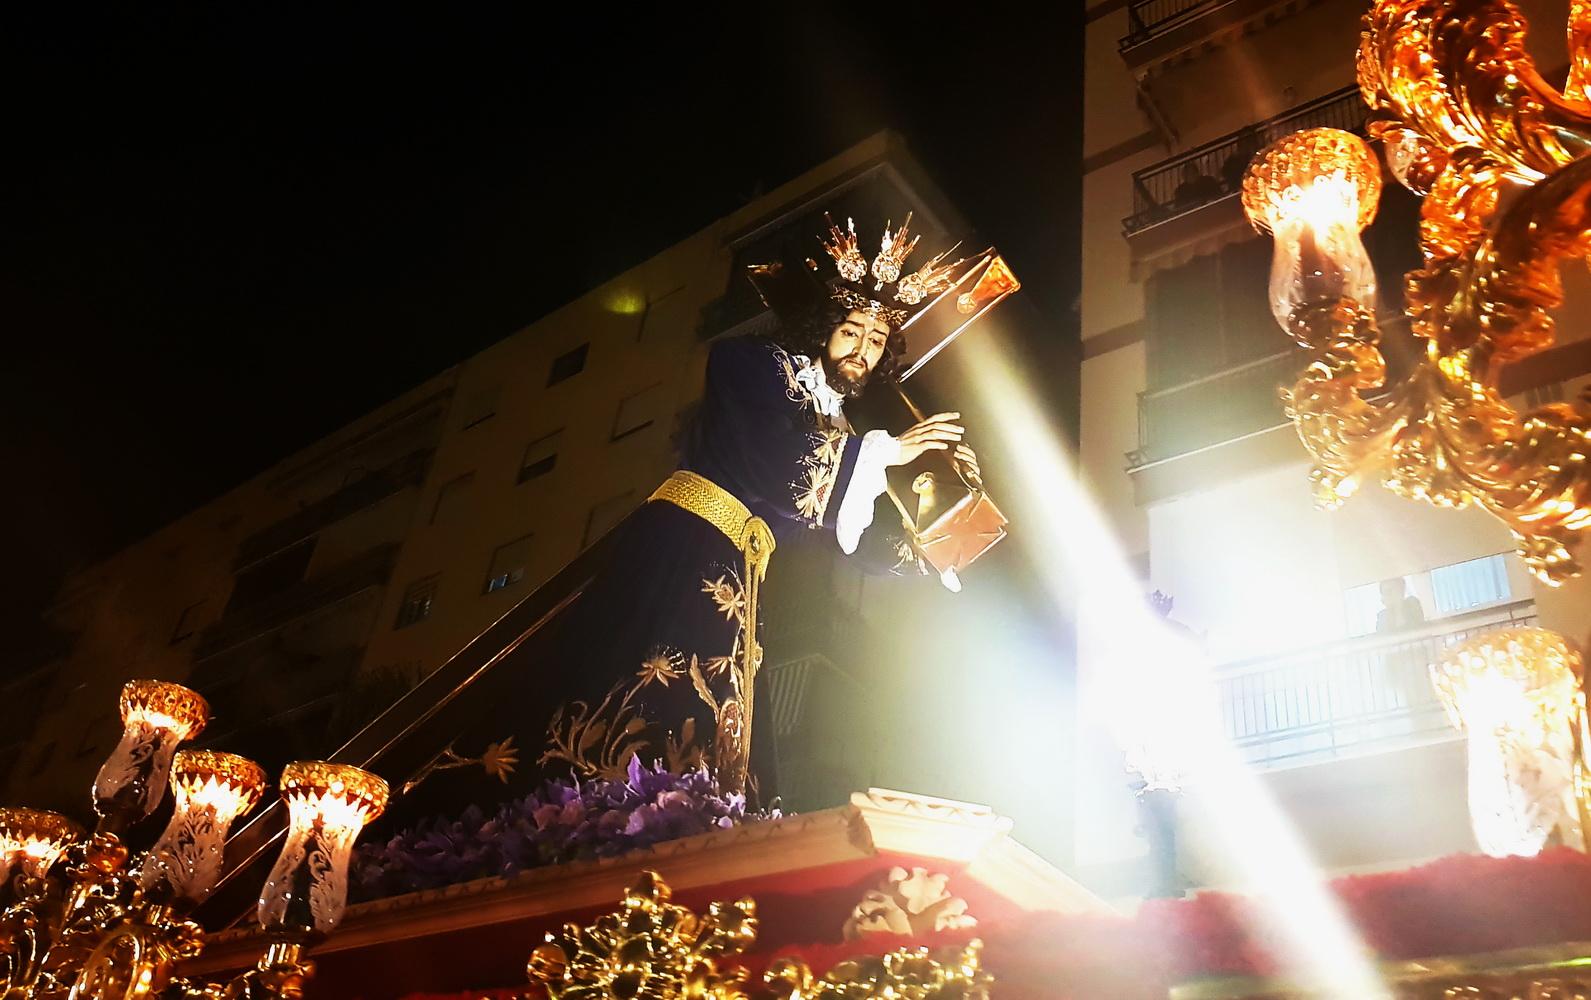 La cofradía del Nazareno de Almuñécar inicia los preparativos para conmemorar su 75 aniversario